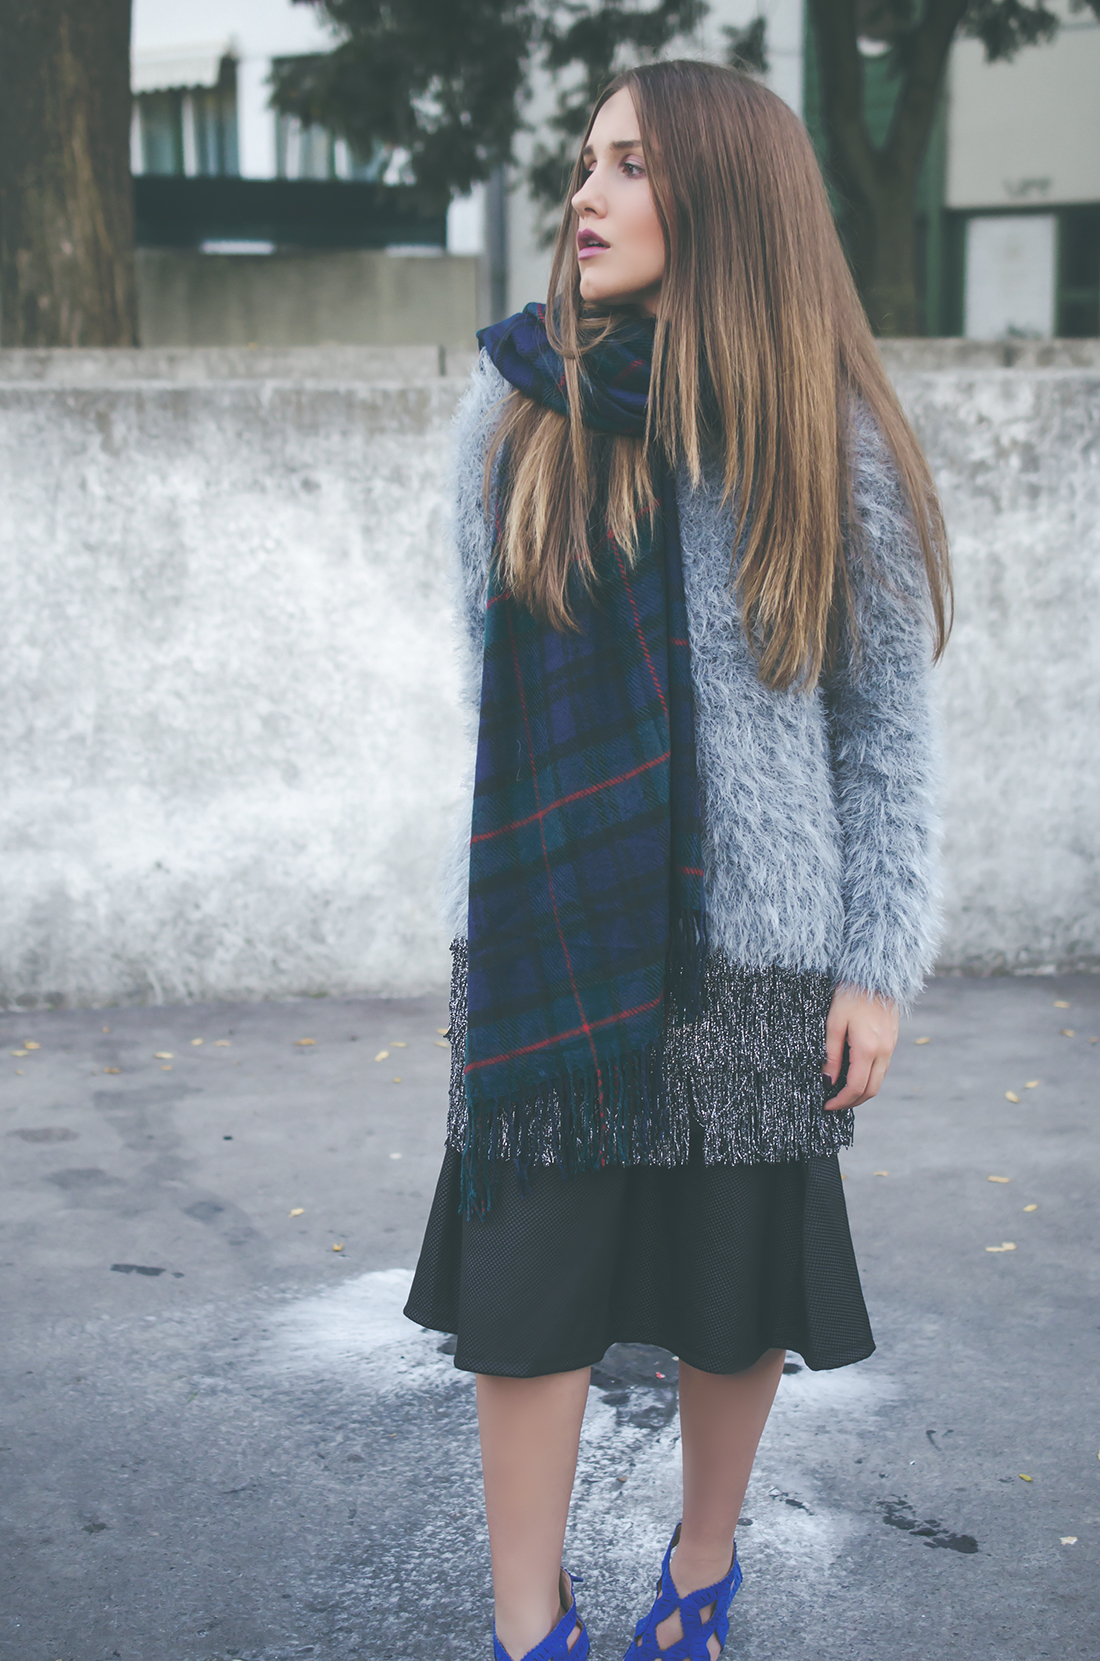 herbst 2014 outfit inspiration - fleur de mode - hristina micevska